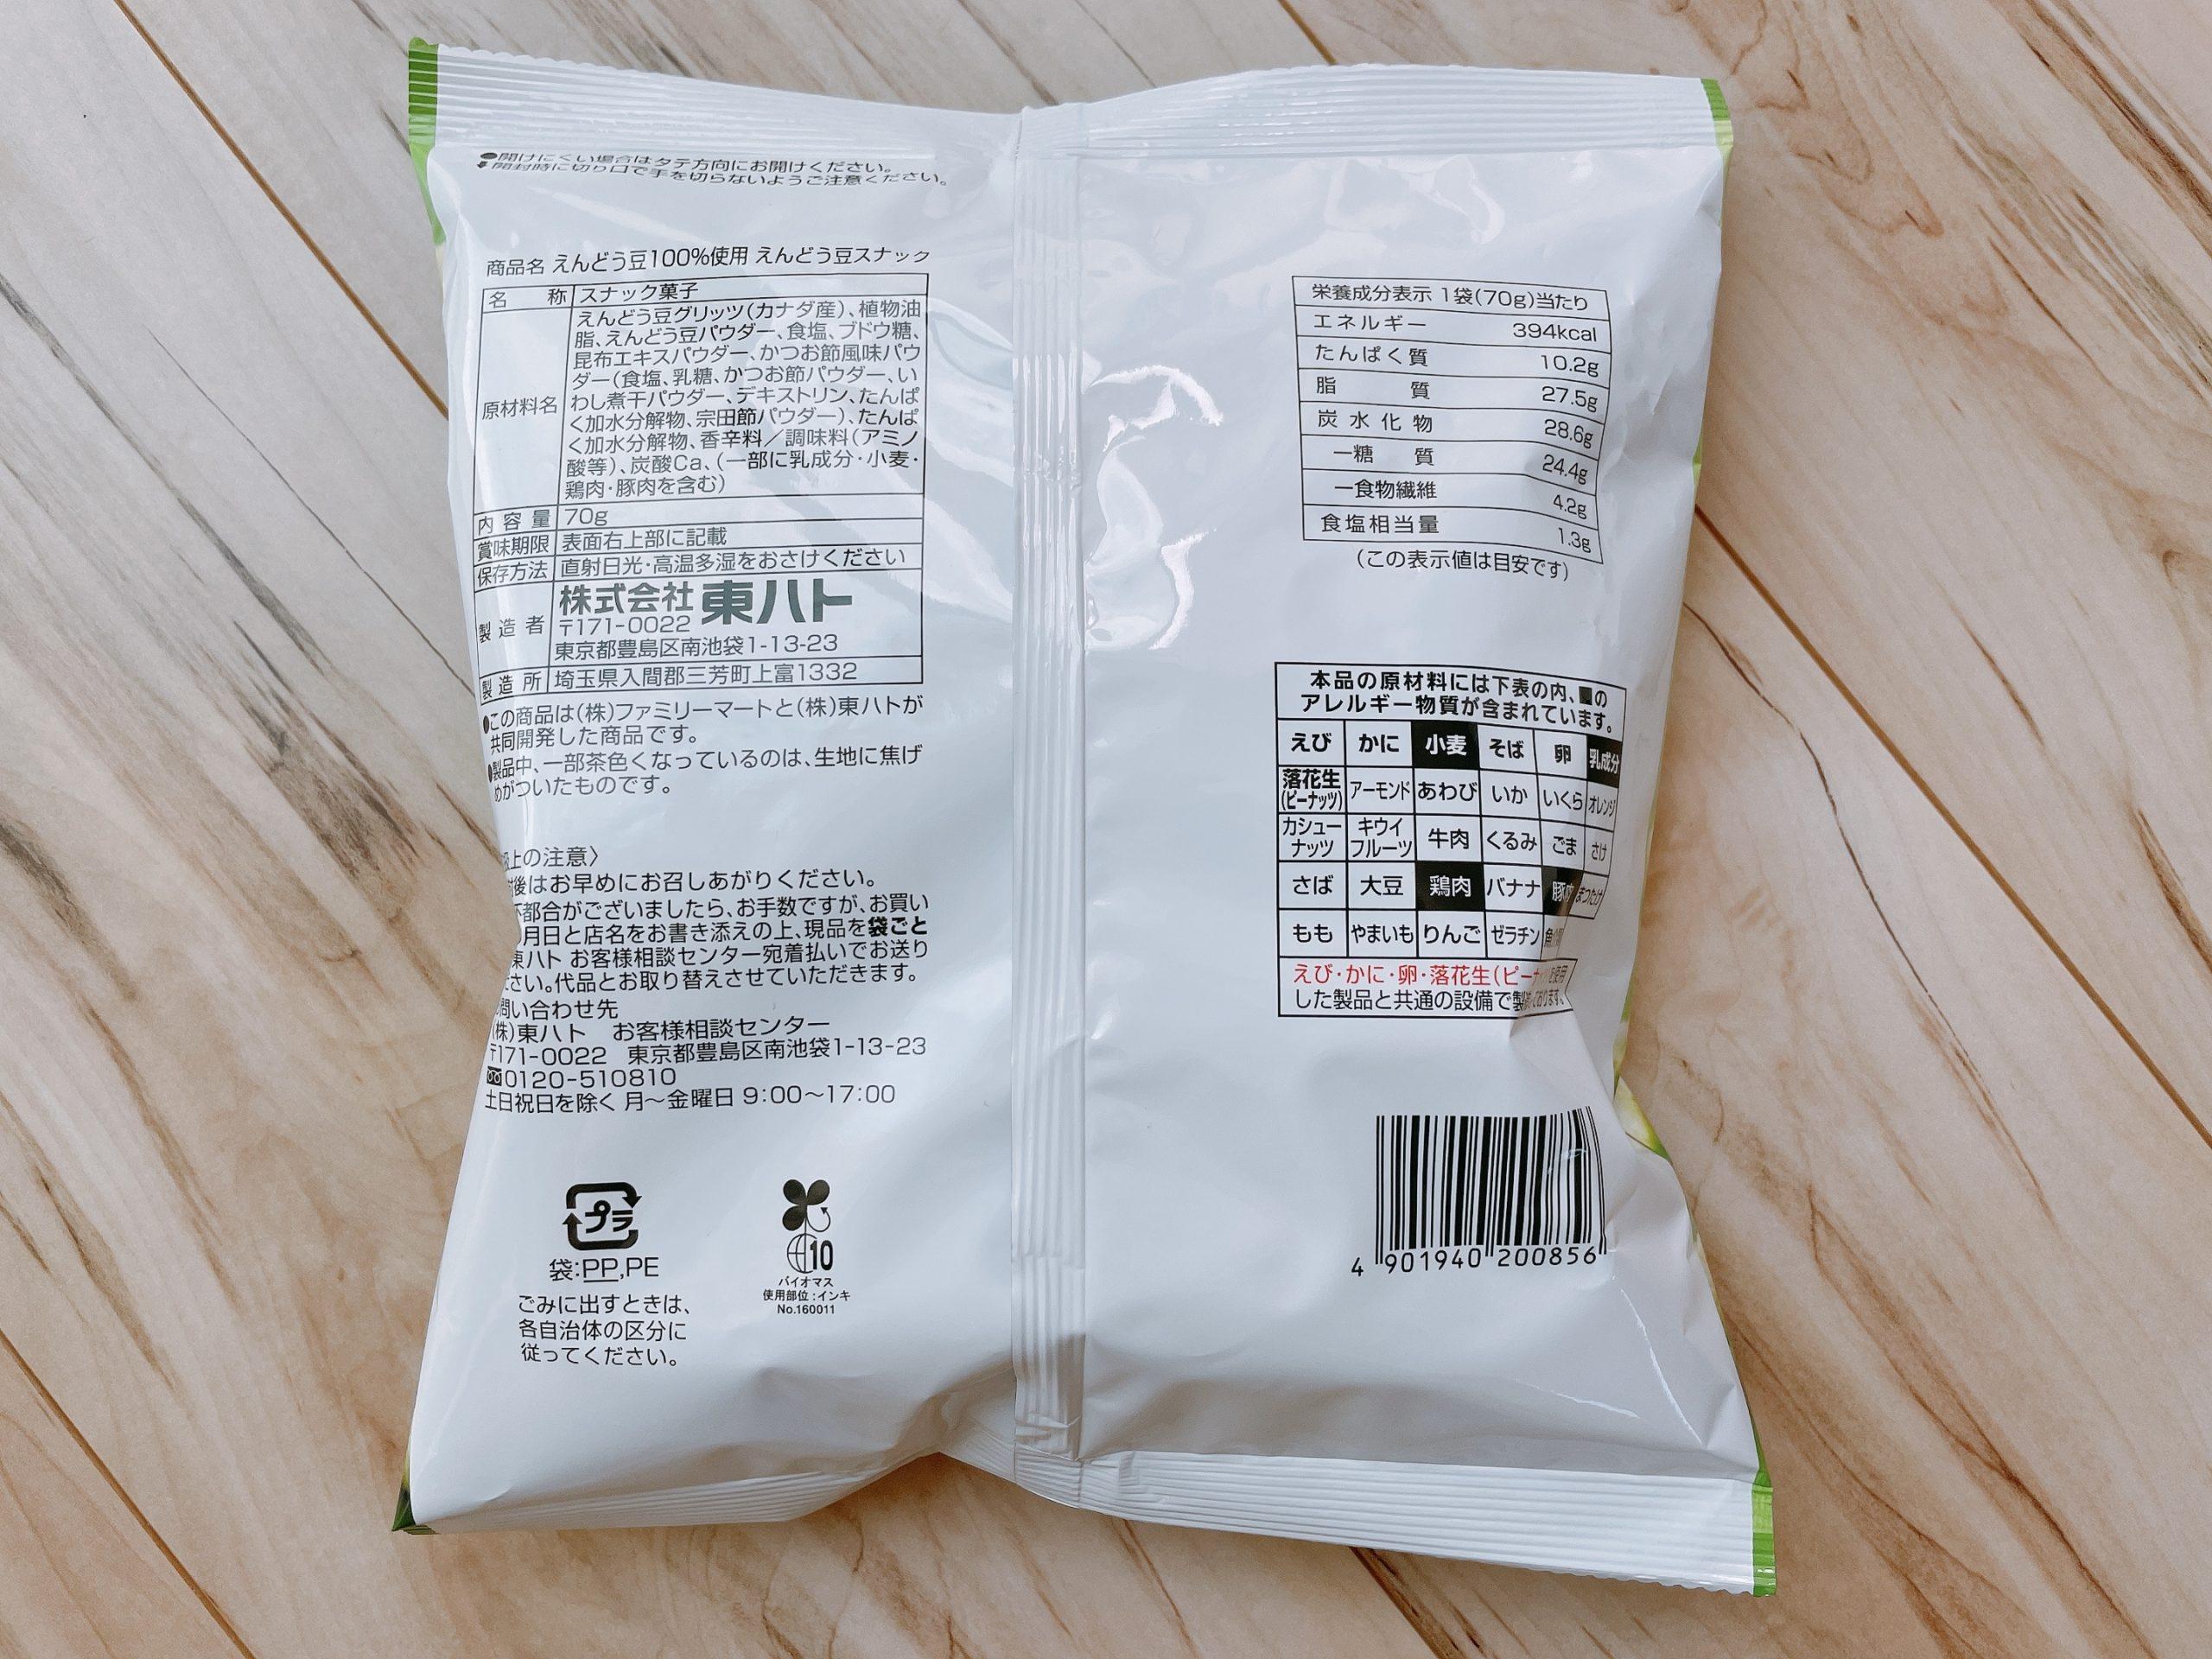 えんどう豆100%使用えんどう豆スナックの原材料やカロリーなど